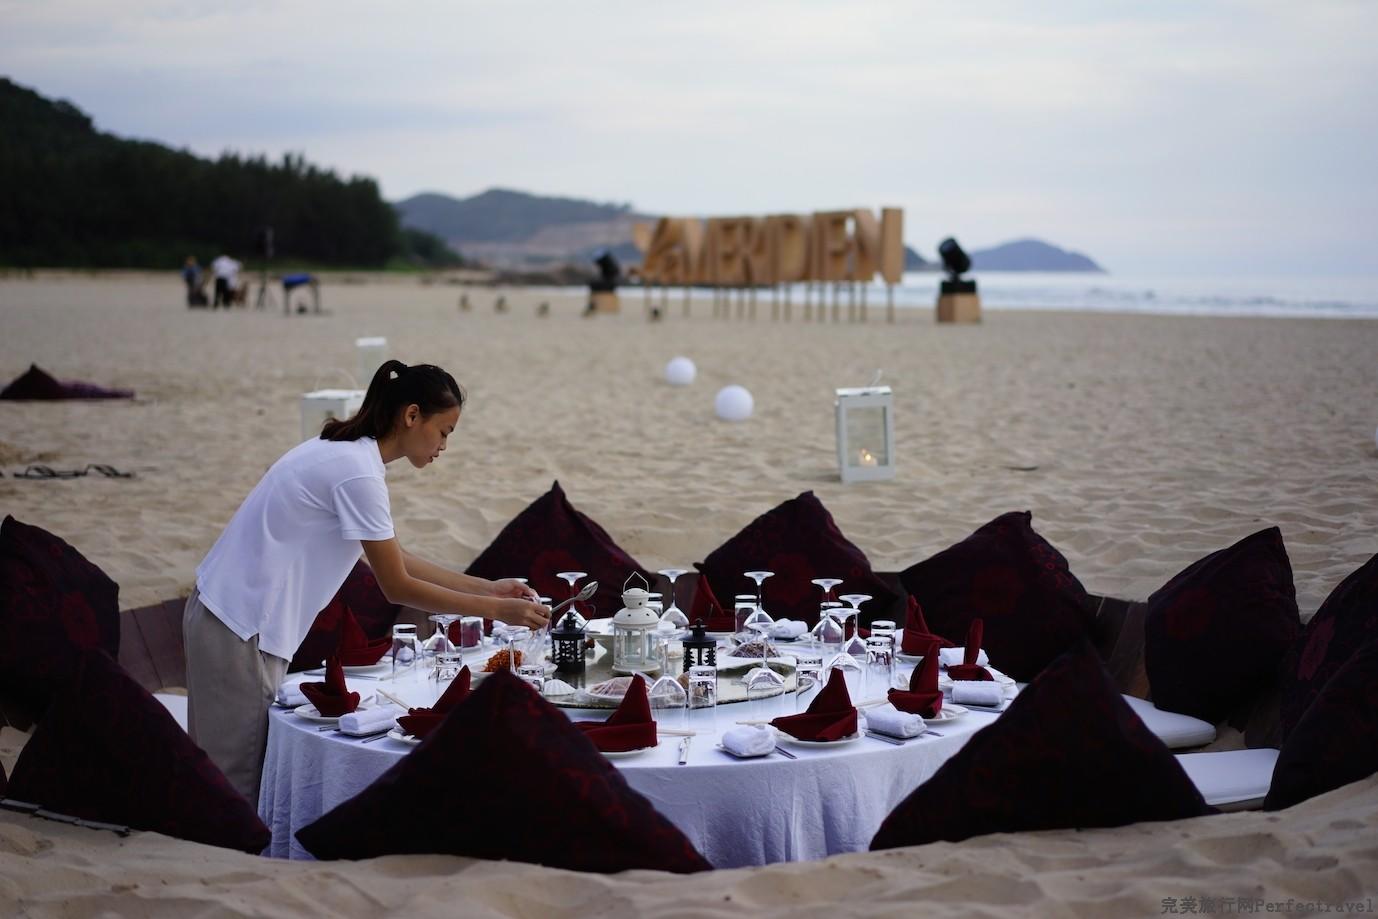 石梅湾艾美度假酒店:可以坐在沙坑里吃浪漫月光大餐的酒店! - 完美旅行Perfectravel - 完美旅行Perfectravel的博客